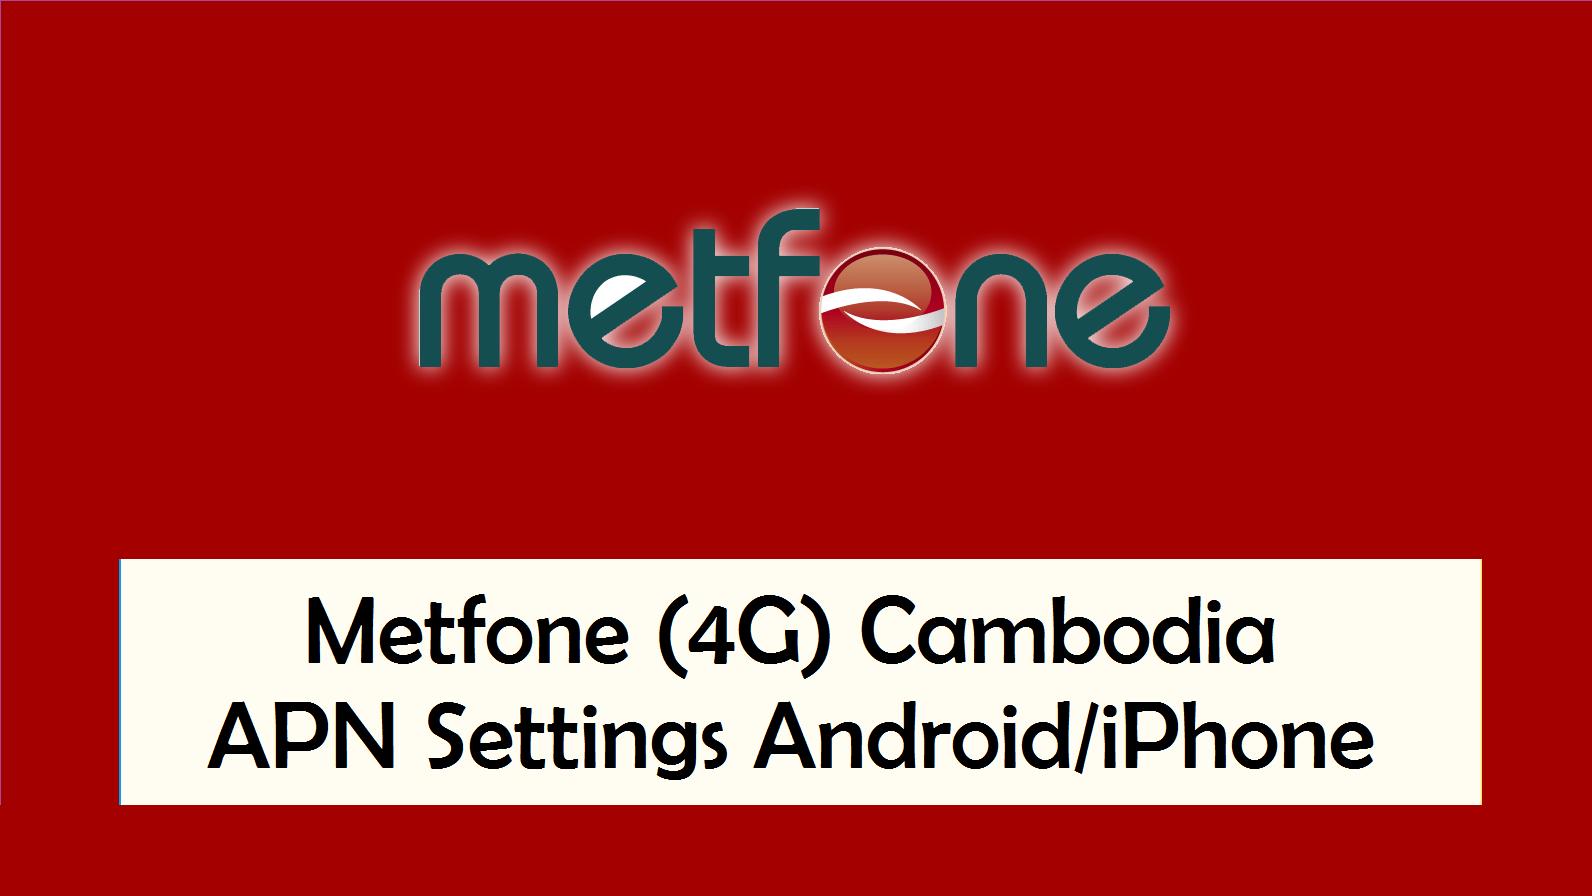 Metfone (4G) Cambodia